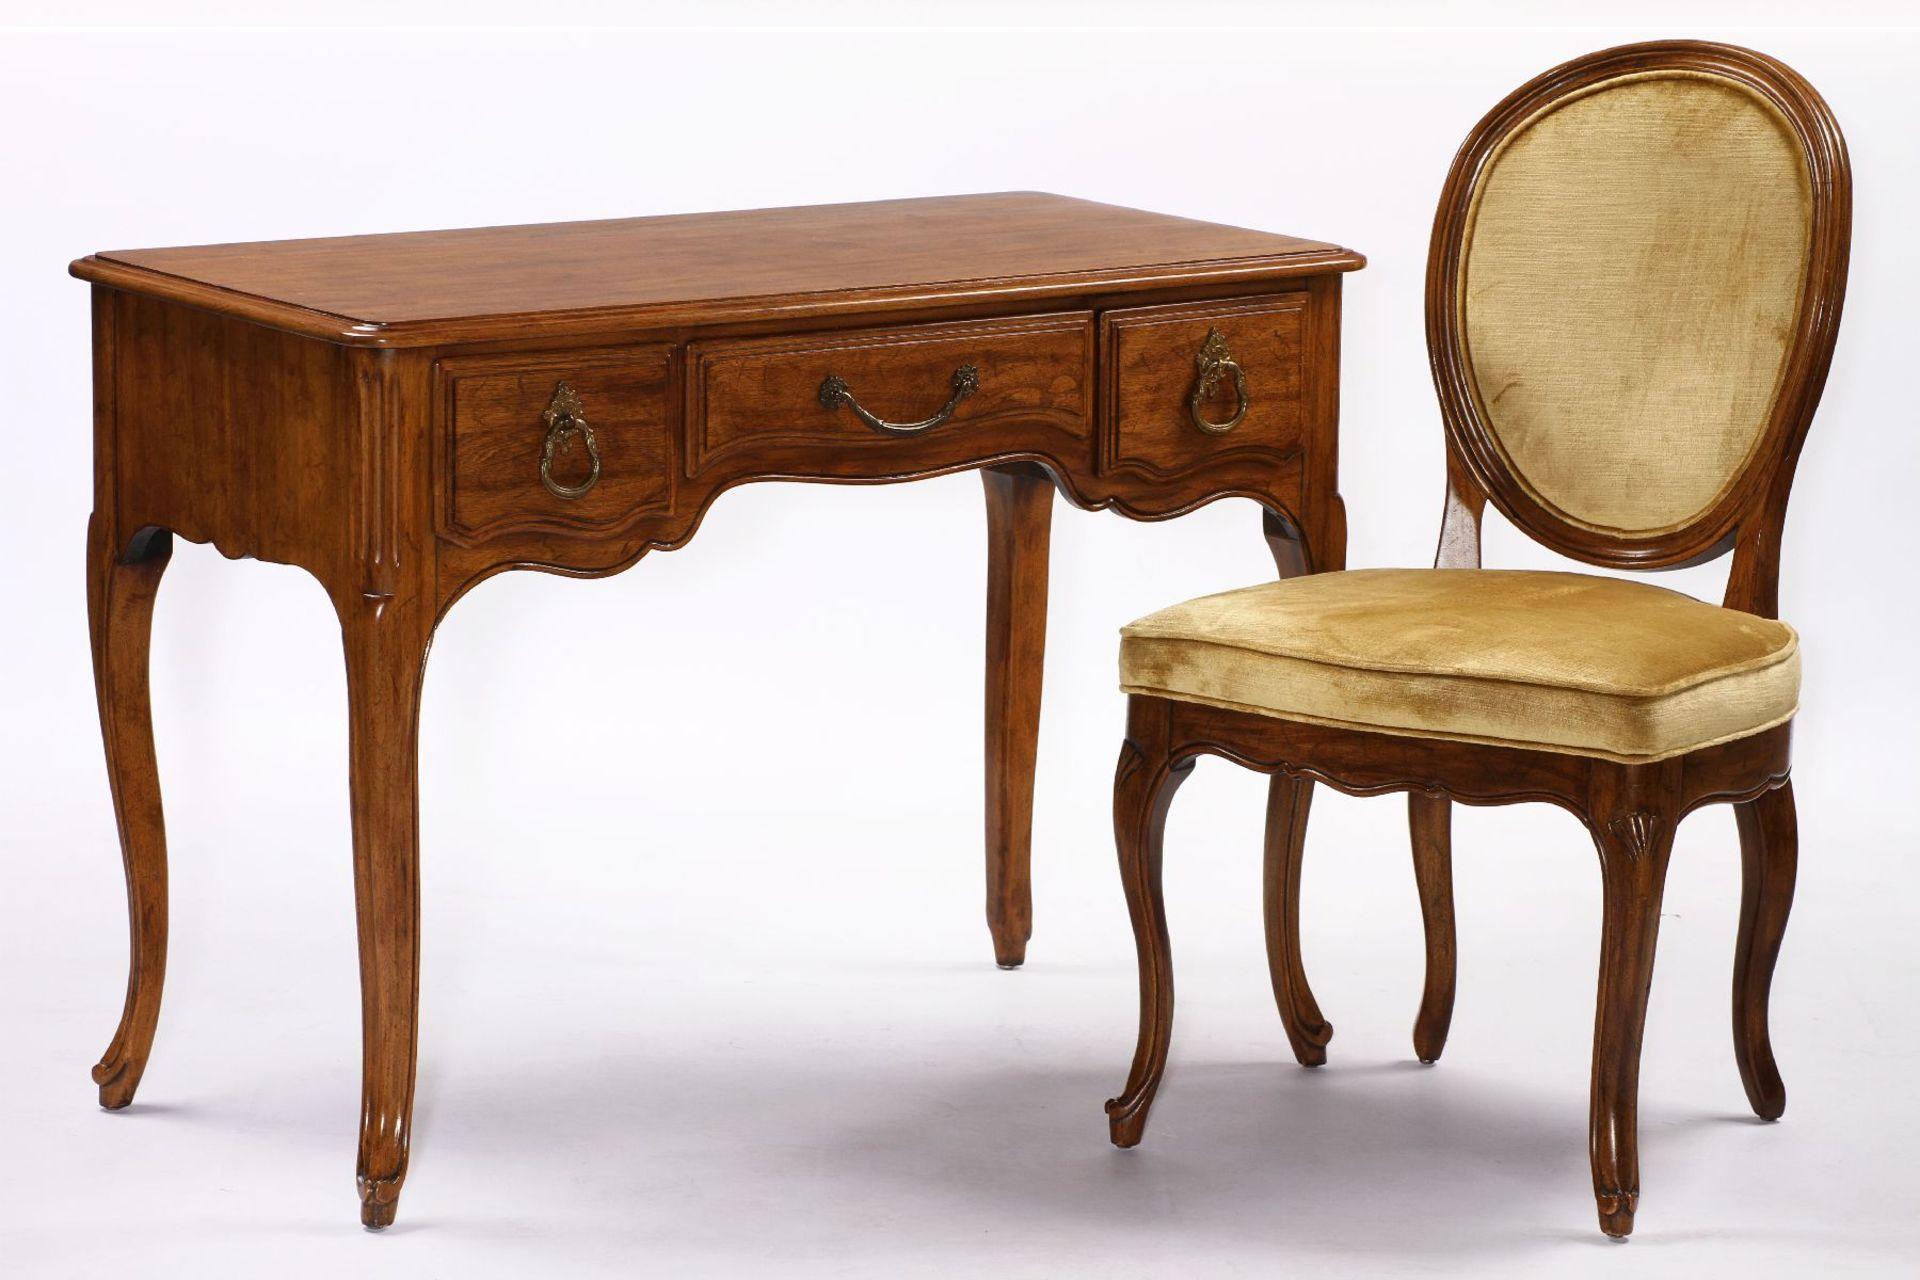 Damenschreibtisch mit Stuhl, 'Davis Cabinet Company',